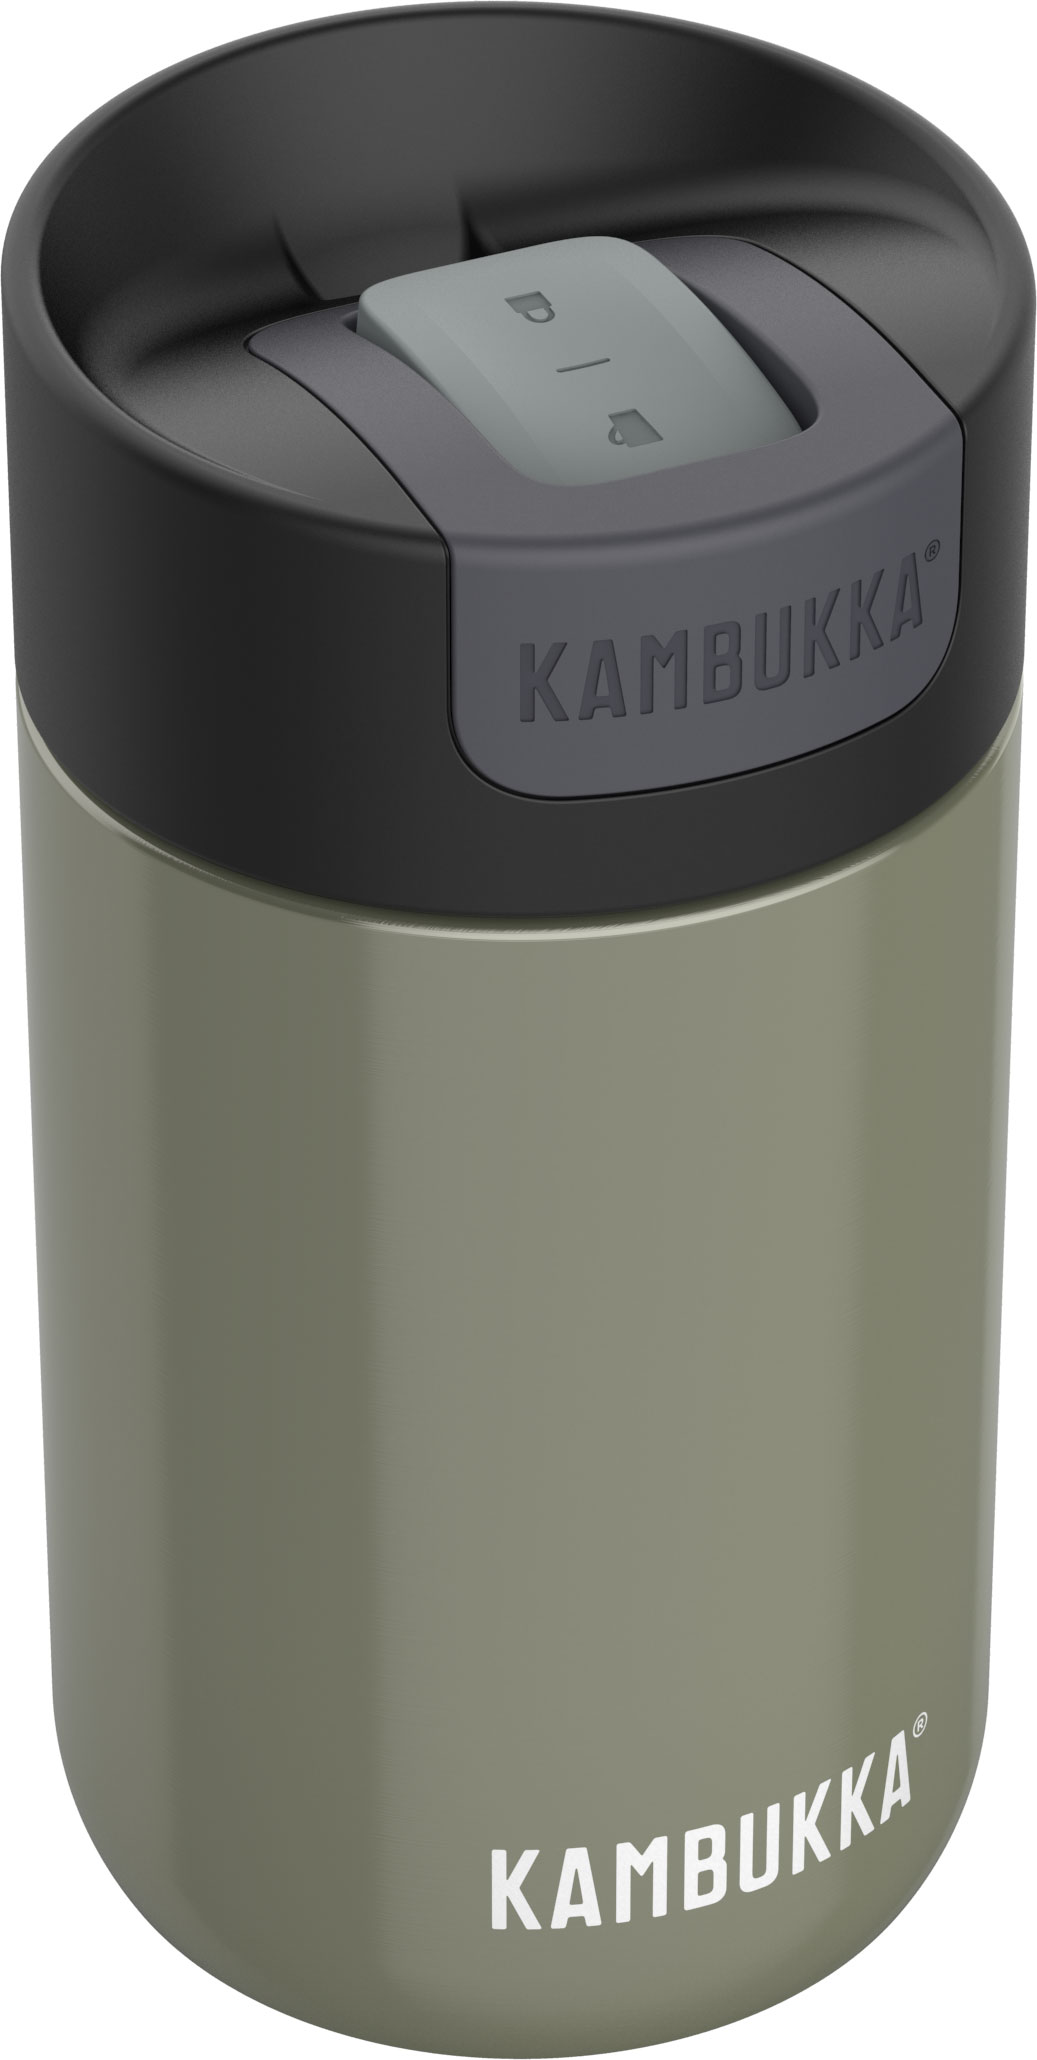 בקבוק שתיה תרמי 300 מ״ל שמפניה Kambukka Olympus Champaign